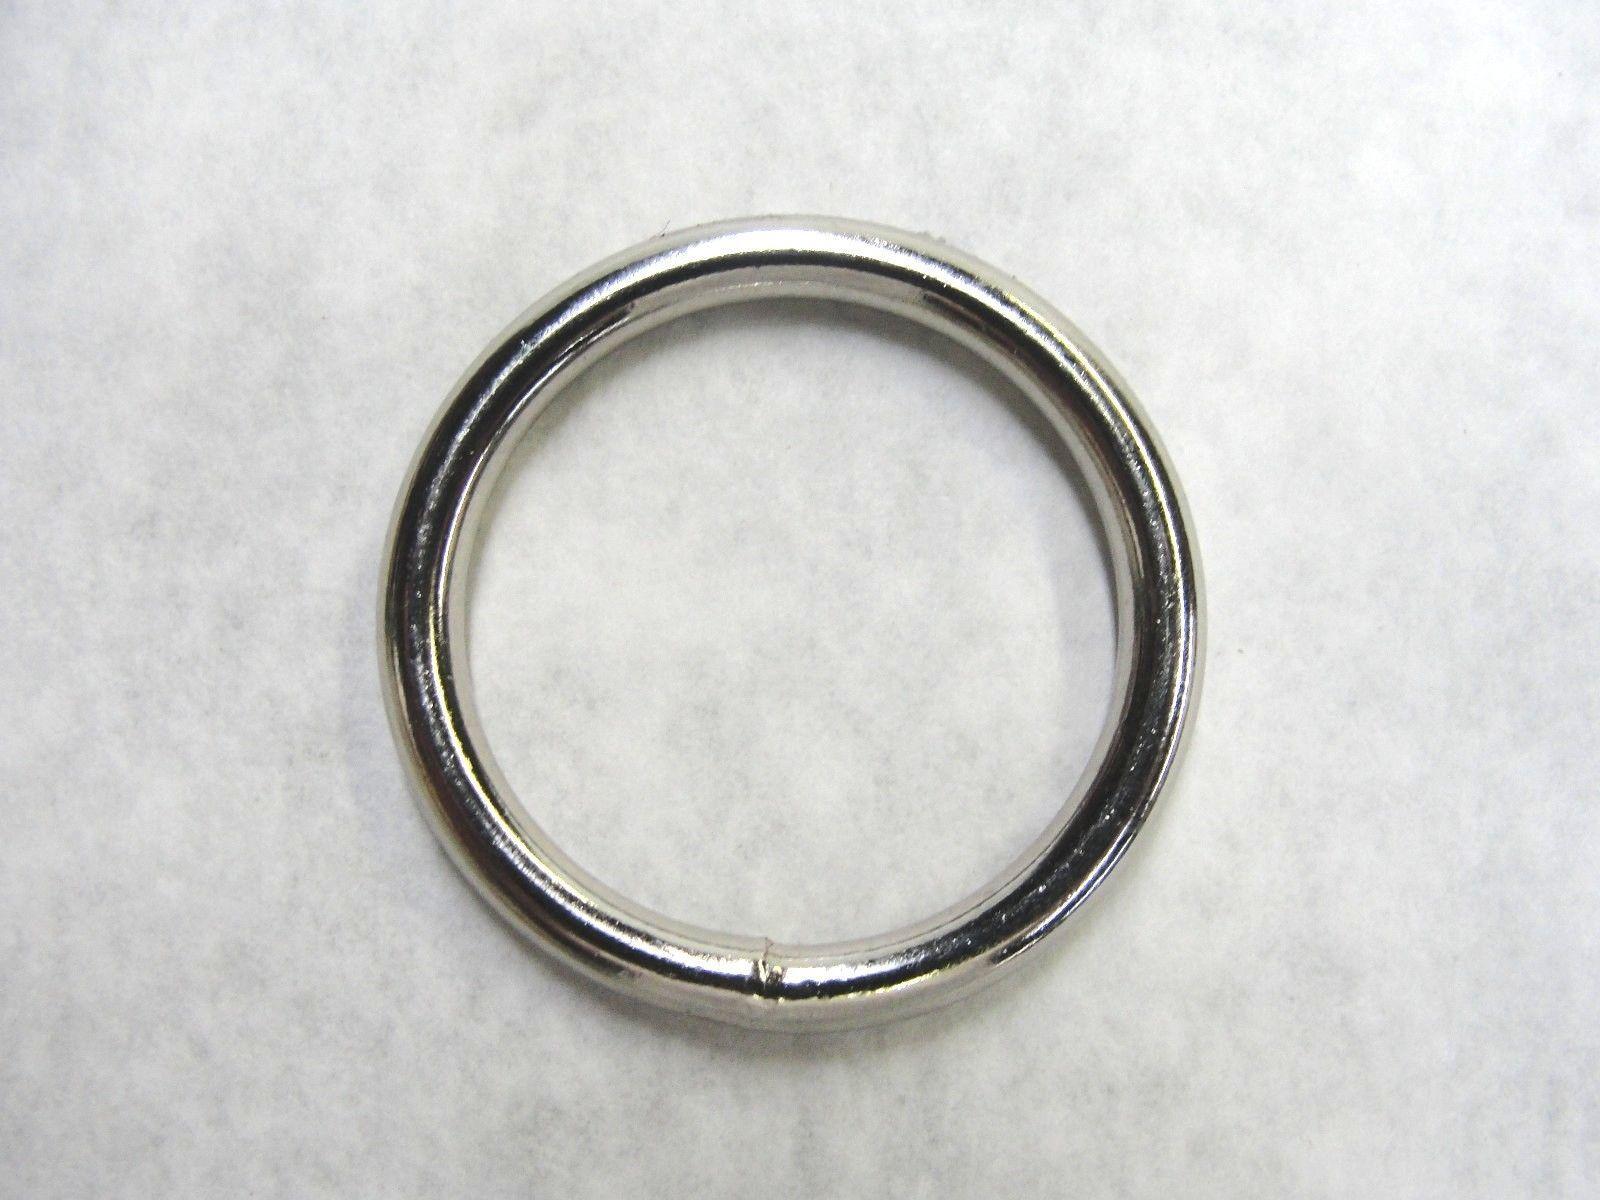 Rings 113341: 1-1 4 Inner Diameter 1000 Welded Metal O Rings Nickel ...